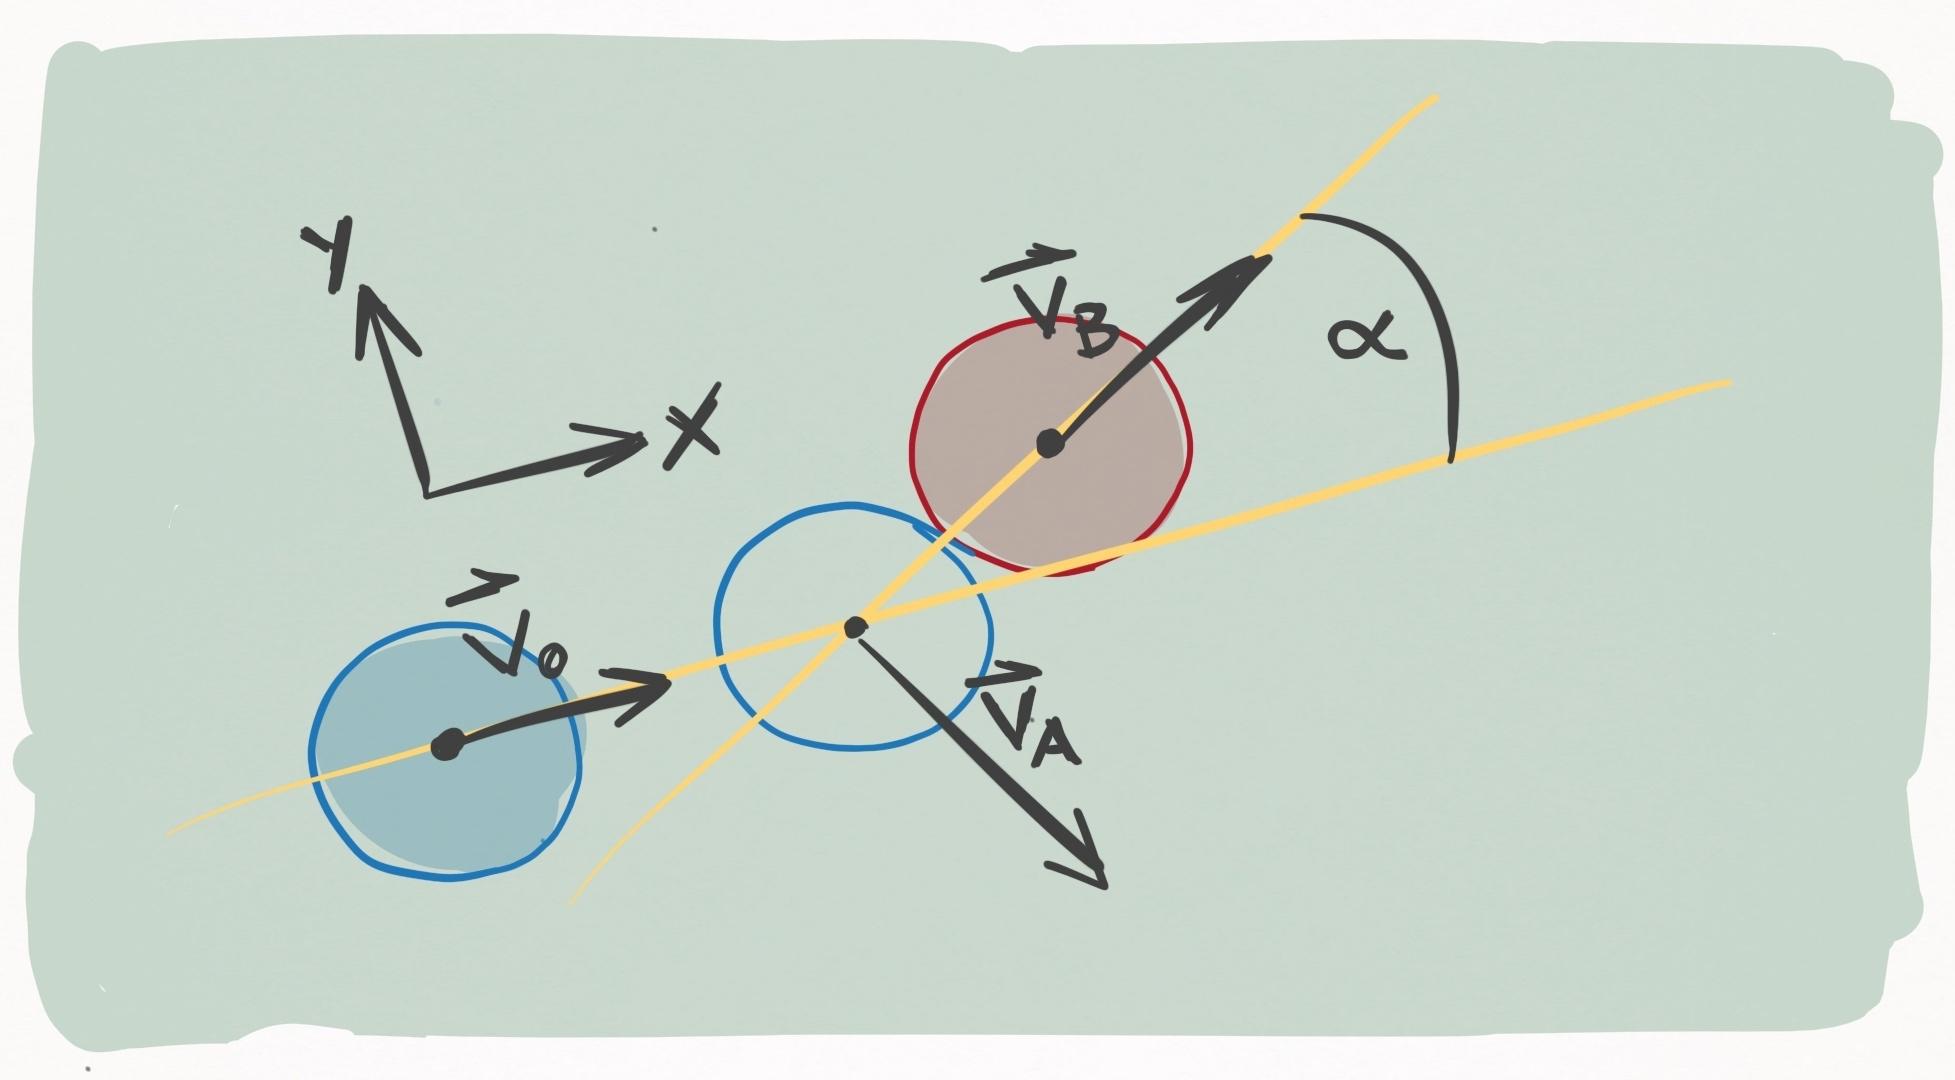 ball_ball_collision_1